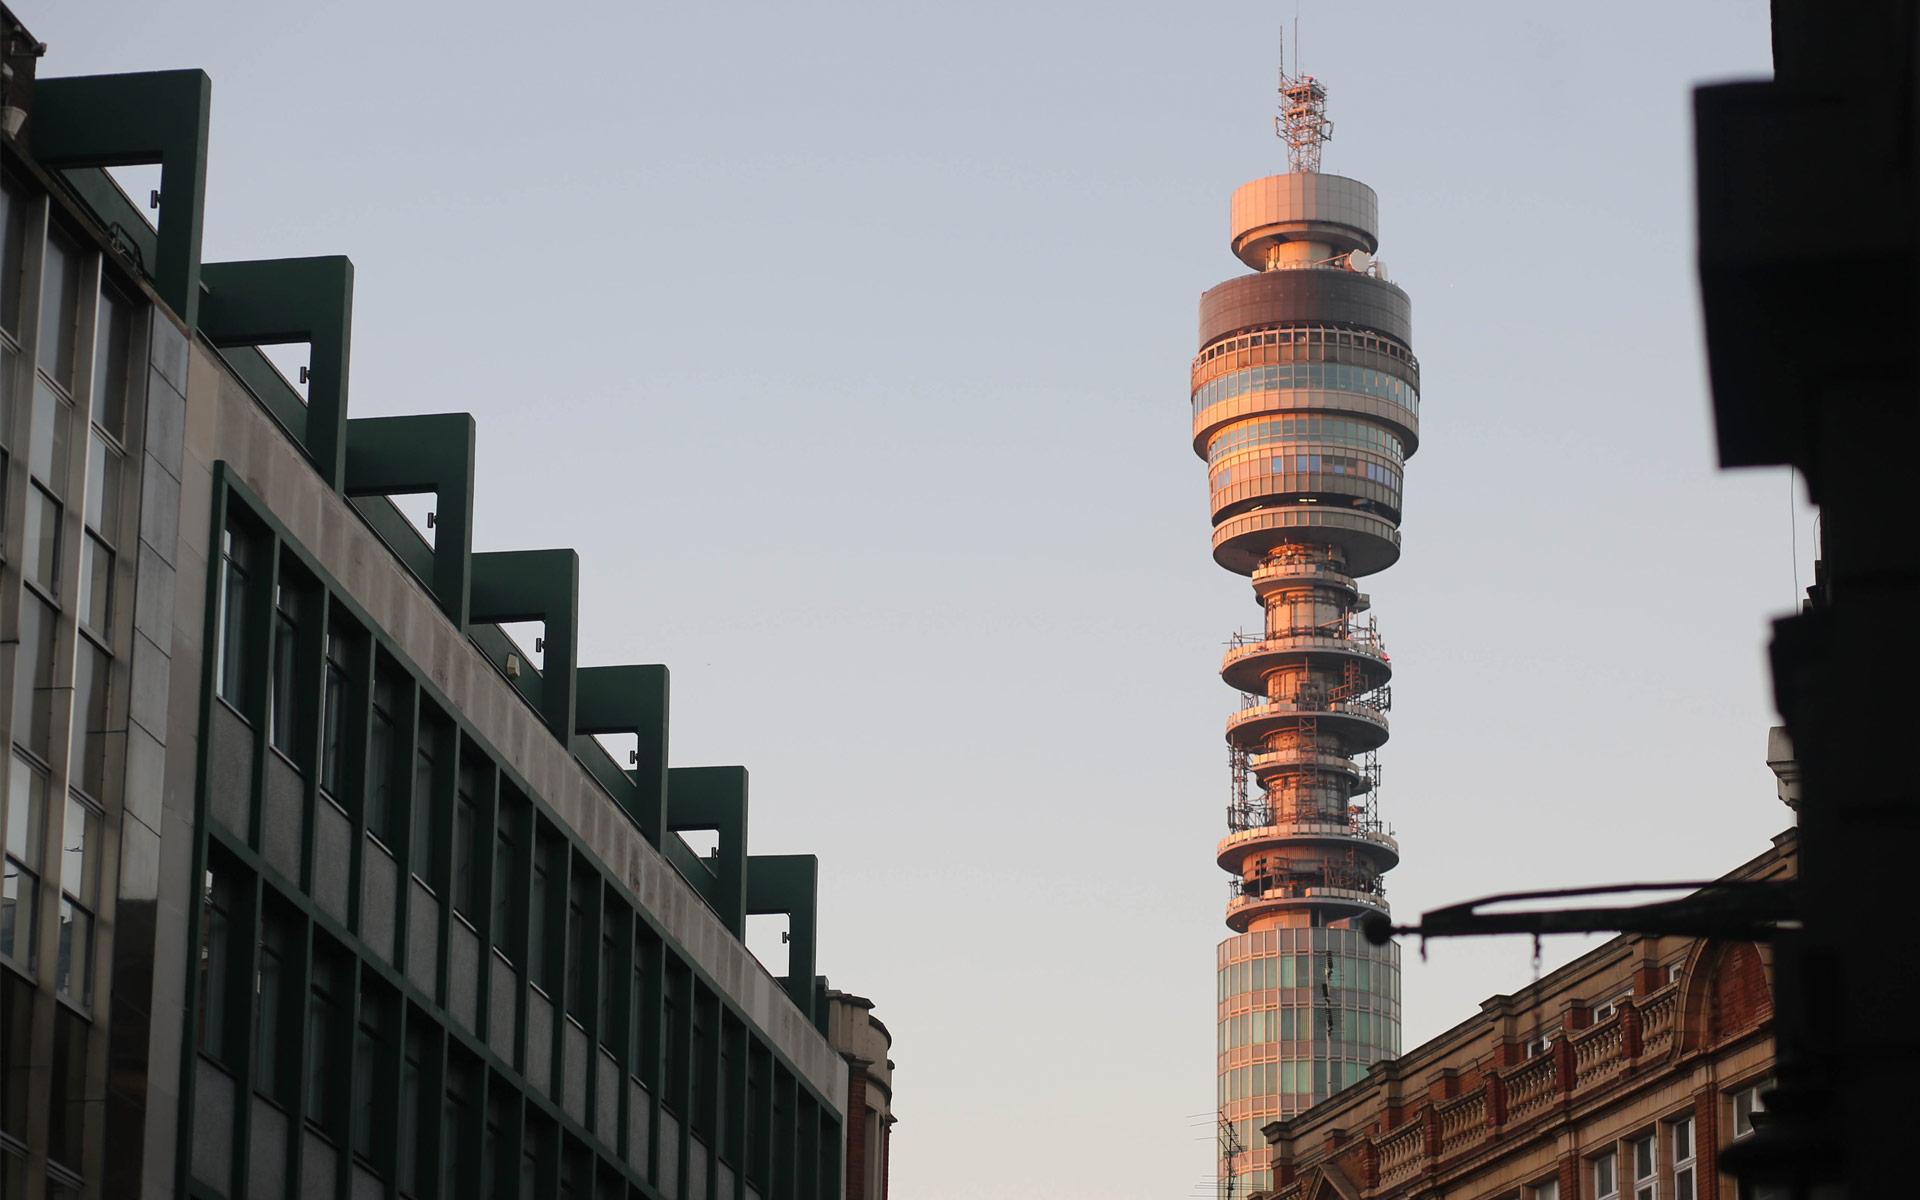 Standout - Telecommunications